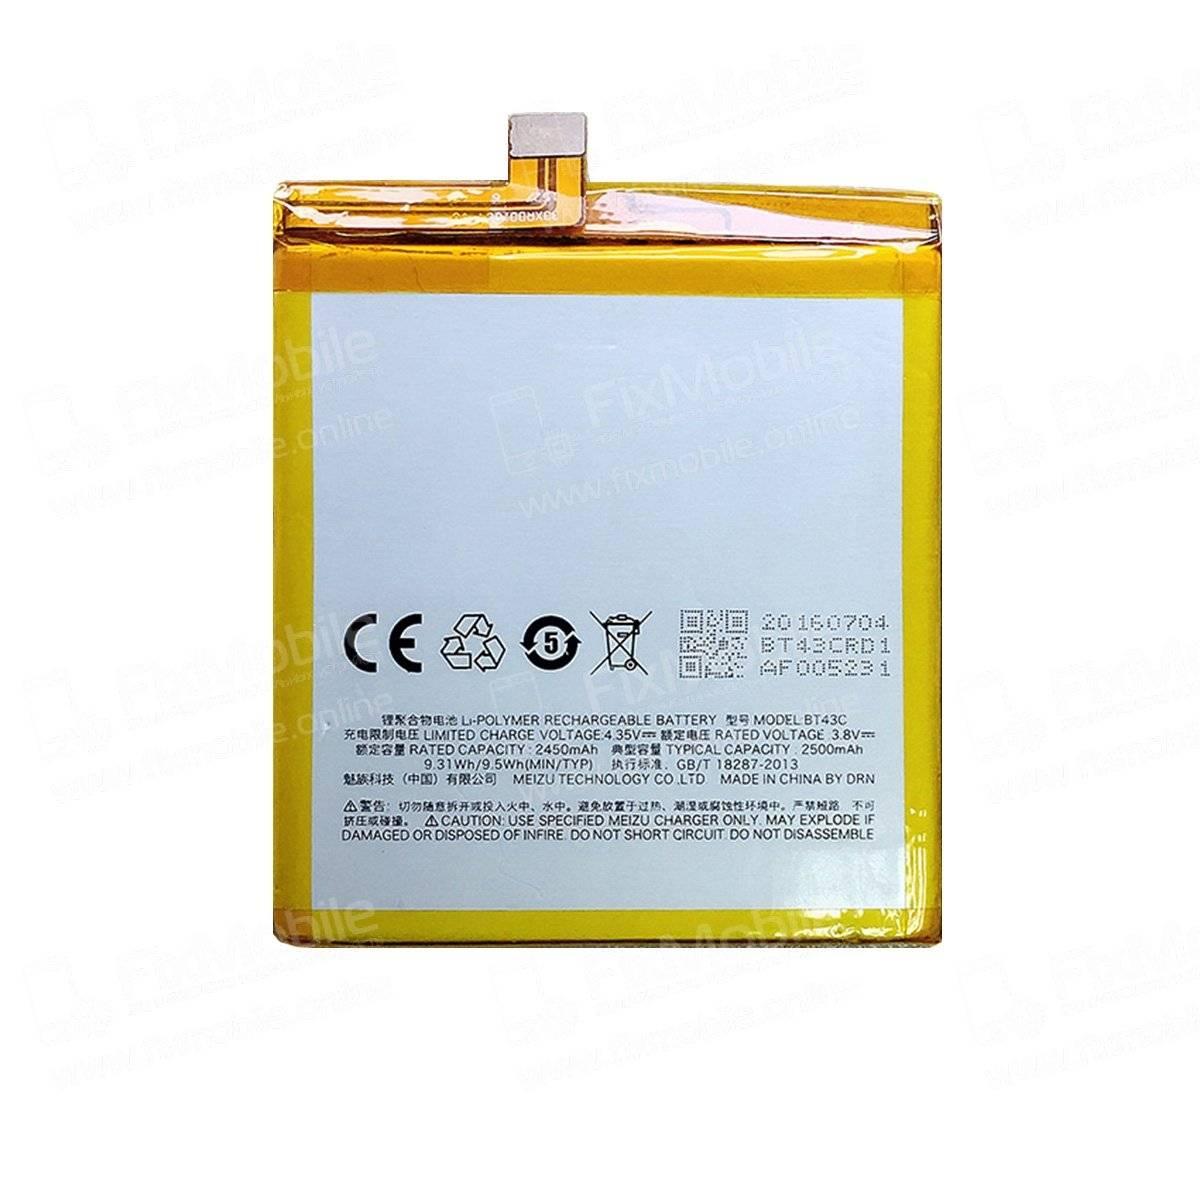 Аккумуляторная батарея для Meizu M2 mini BT43C